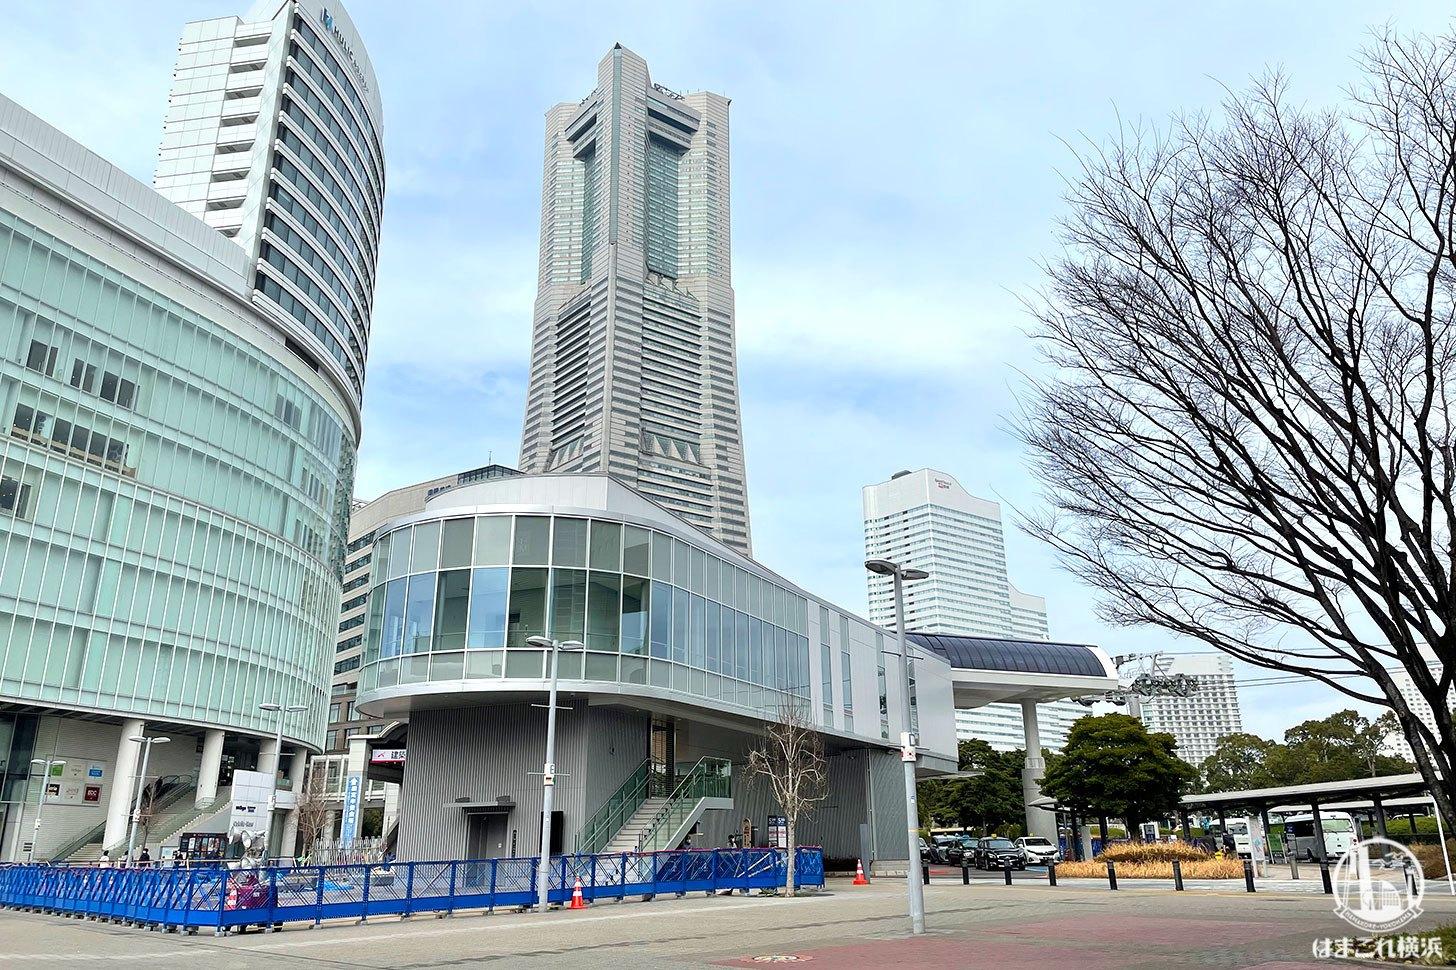 横浜・桜木町駅前のロープウェイ駅舎、外観お目見え!